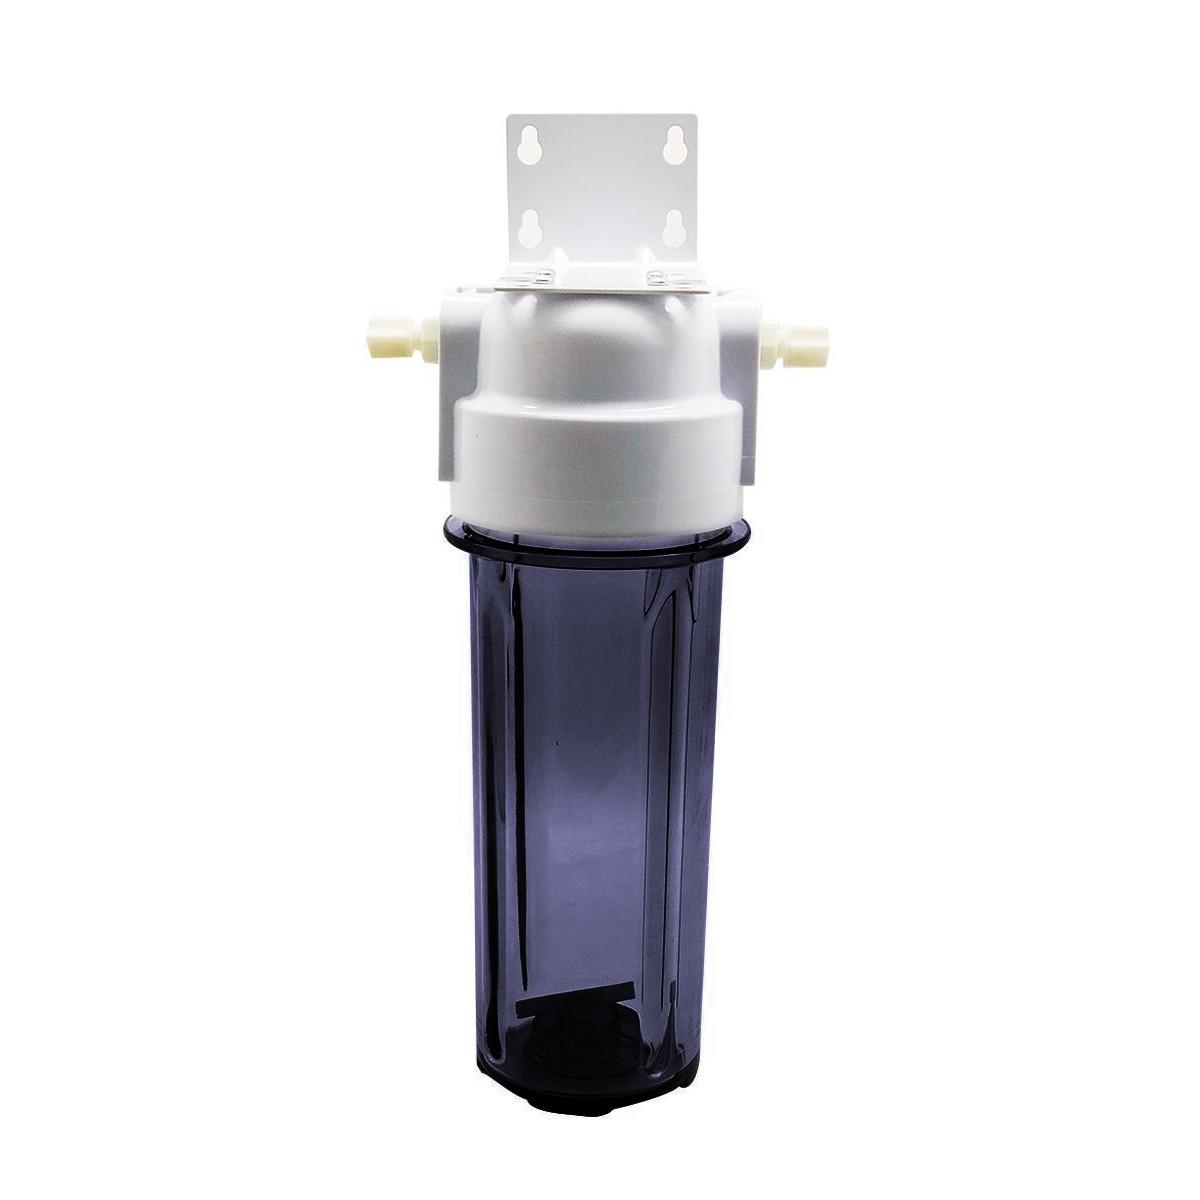 Carcaça Transparente 10º Com Conector e Suporte